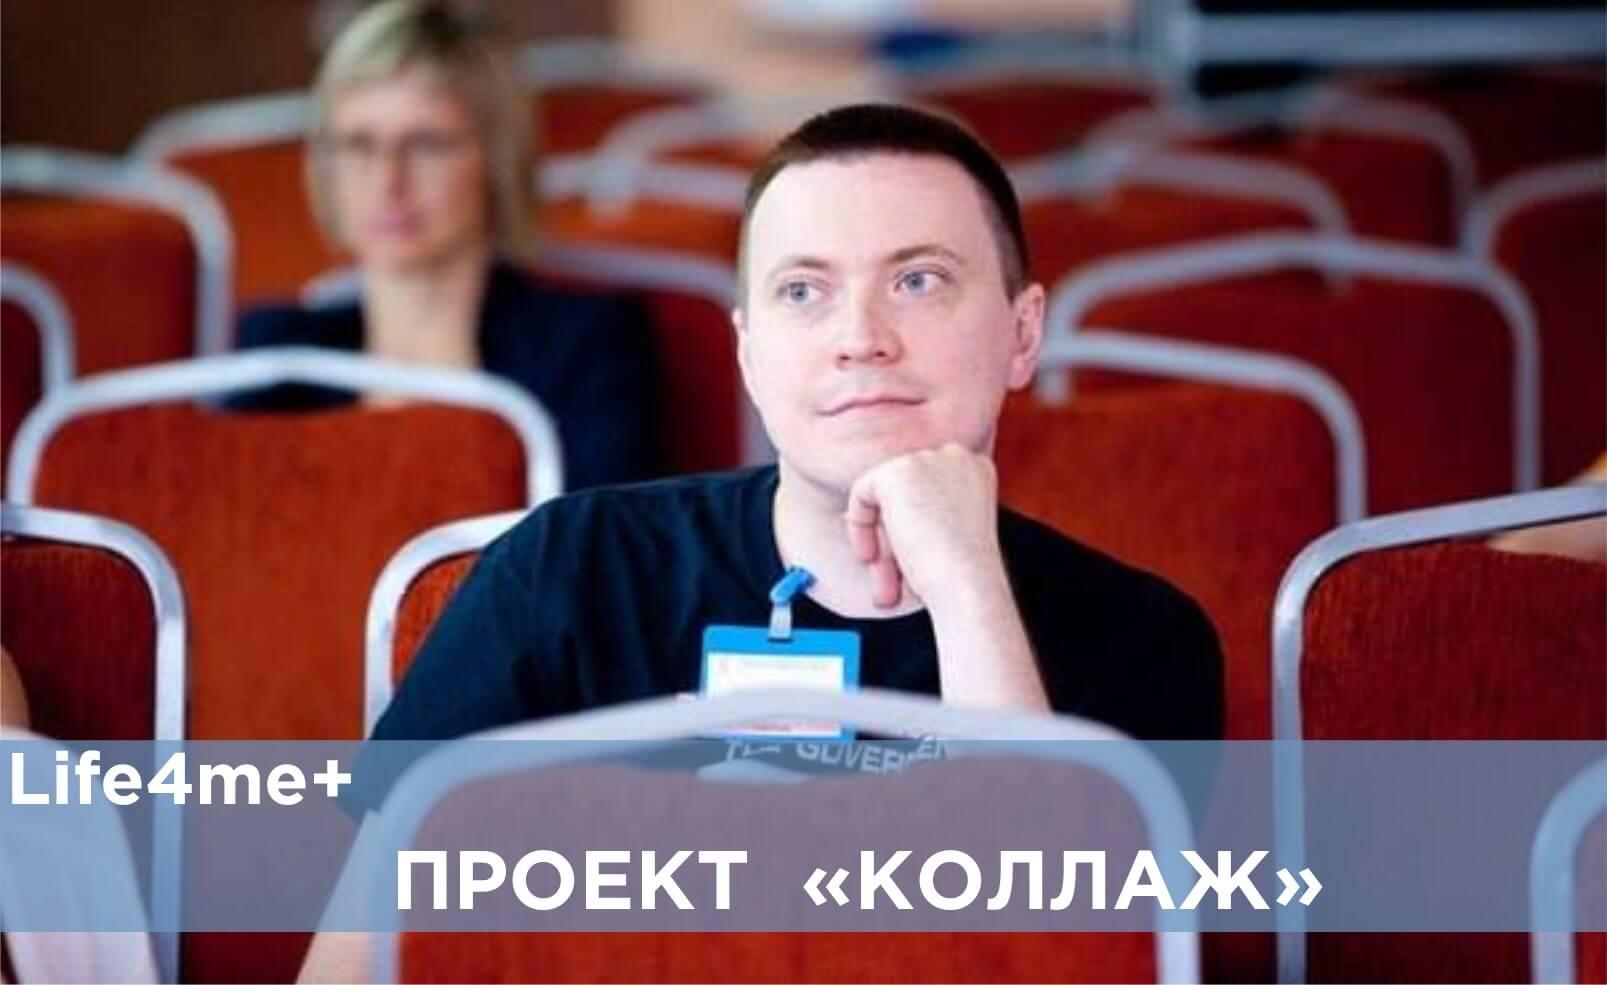 """Коллаж: """"Смотрю в будущее с осторожным оптимизмом"""", - Алексей Лахов - изображение 1"""